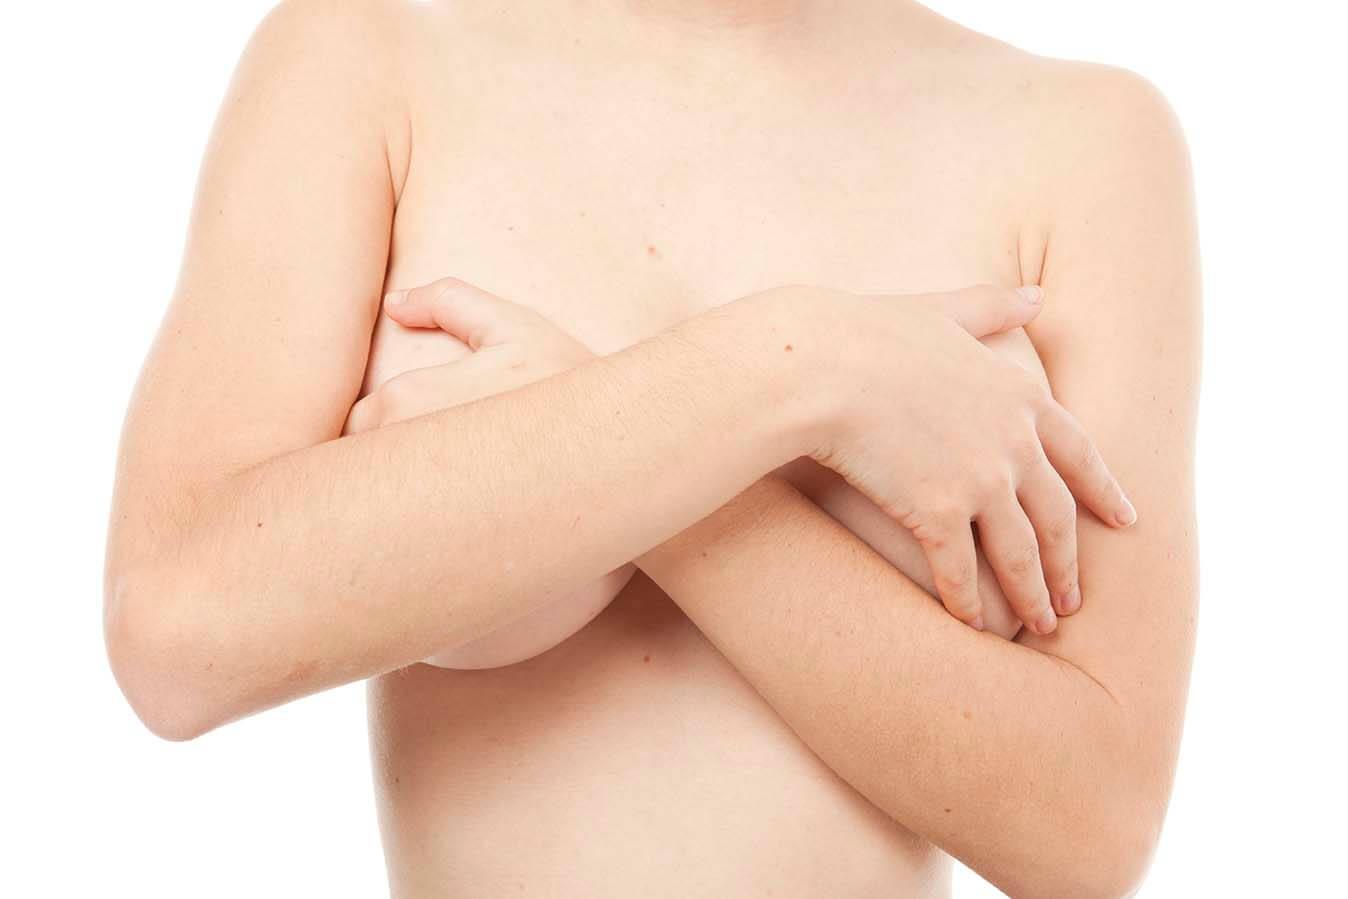 La importancia de la detección precoz en el cáncer de mama